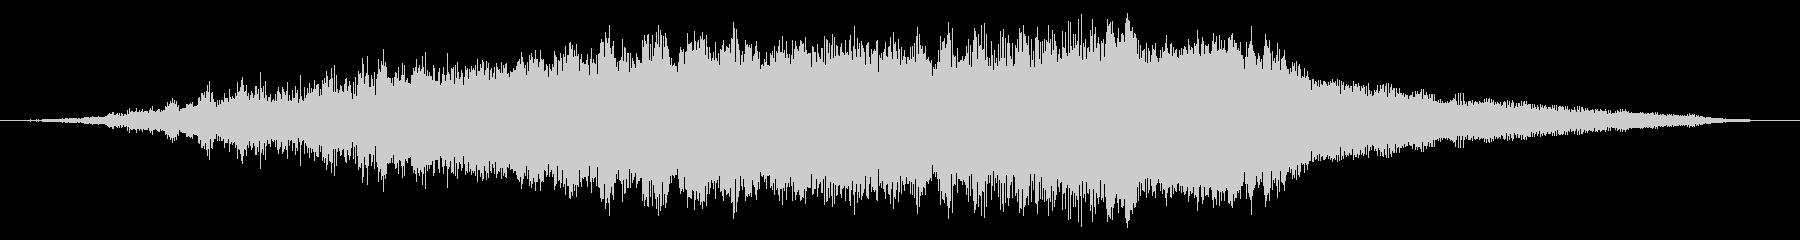 スペースメタリックシンセライザーの未再生の波形